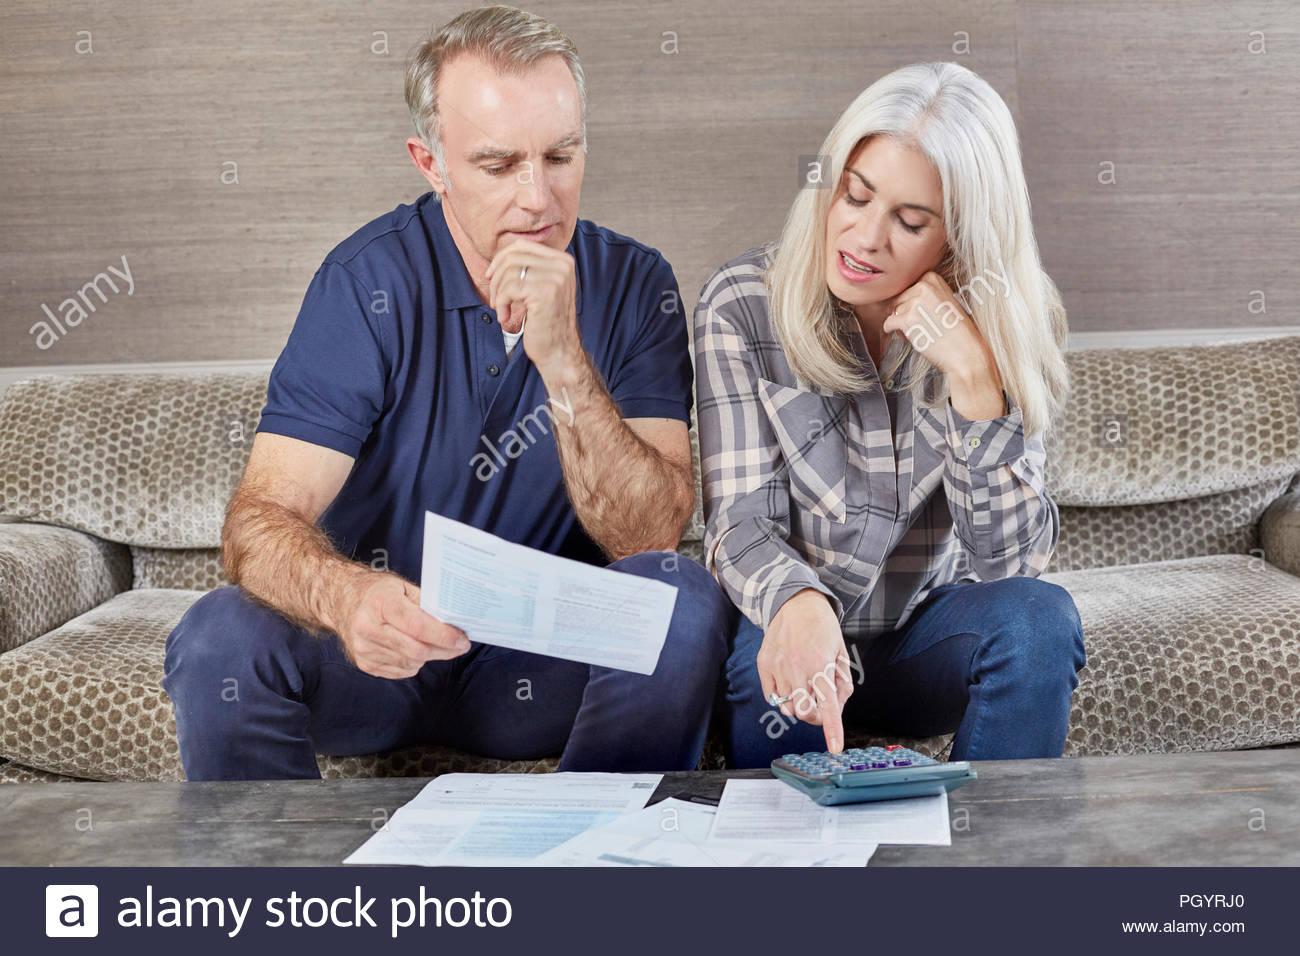 Coppia coppia sposata che lavora da casa insieme. Immagini Stock